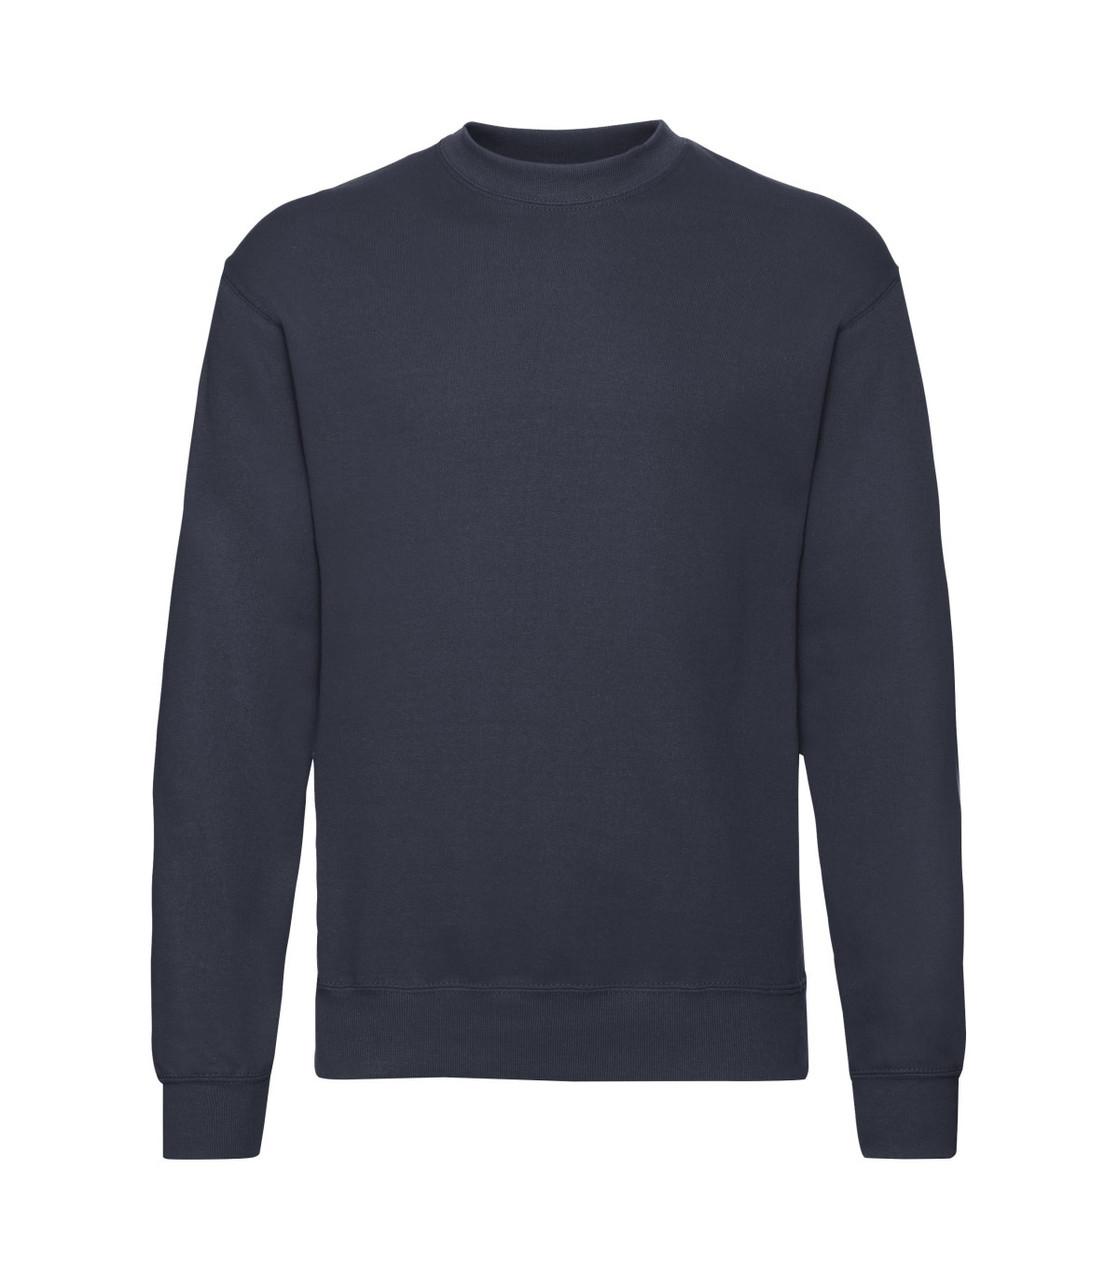 Мужской свитер-реглан глубокий темно-синий 202-АZ